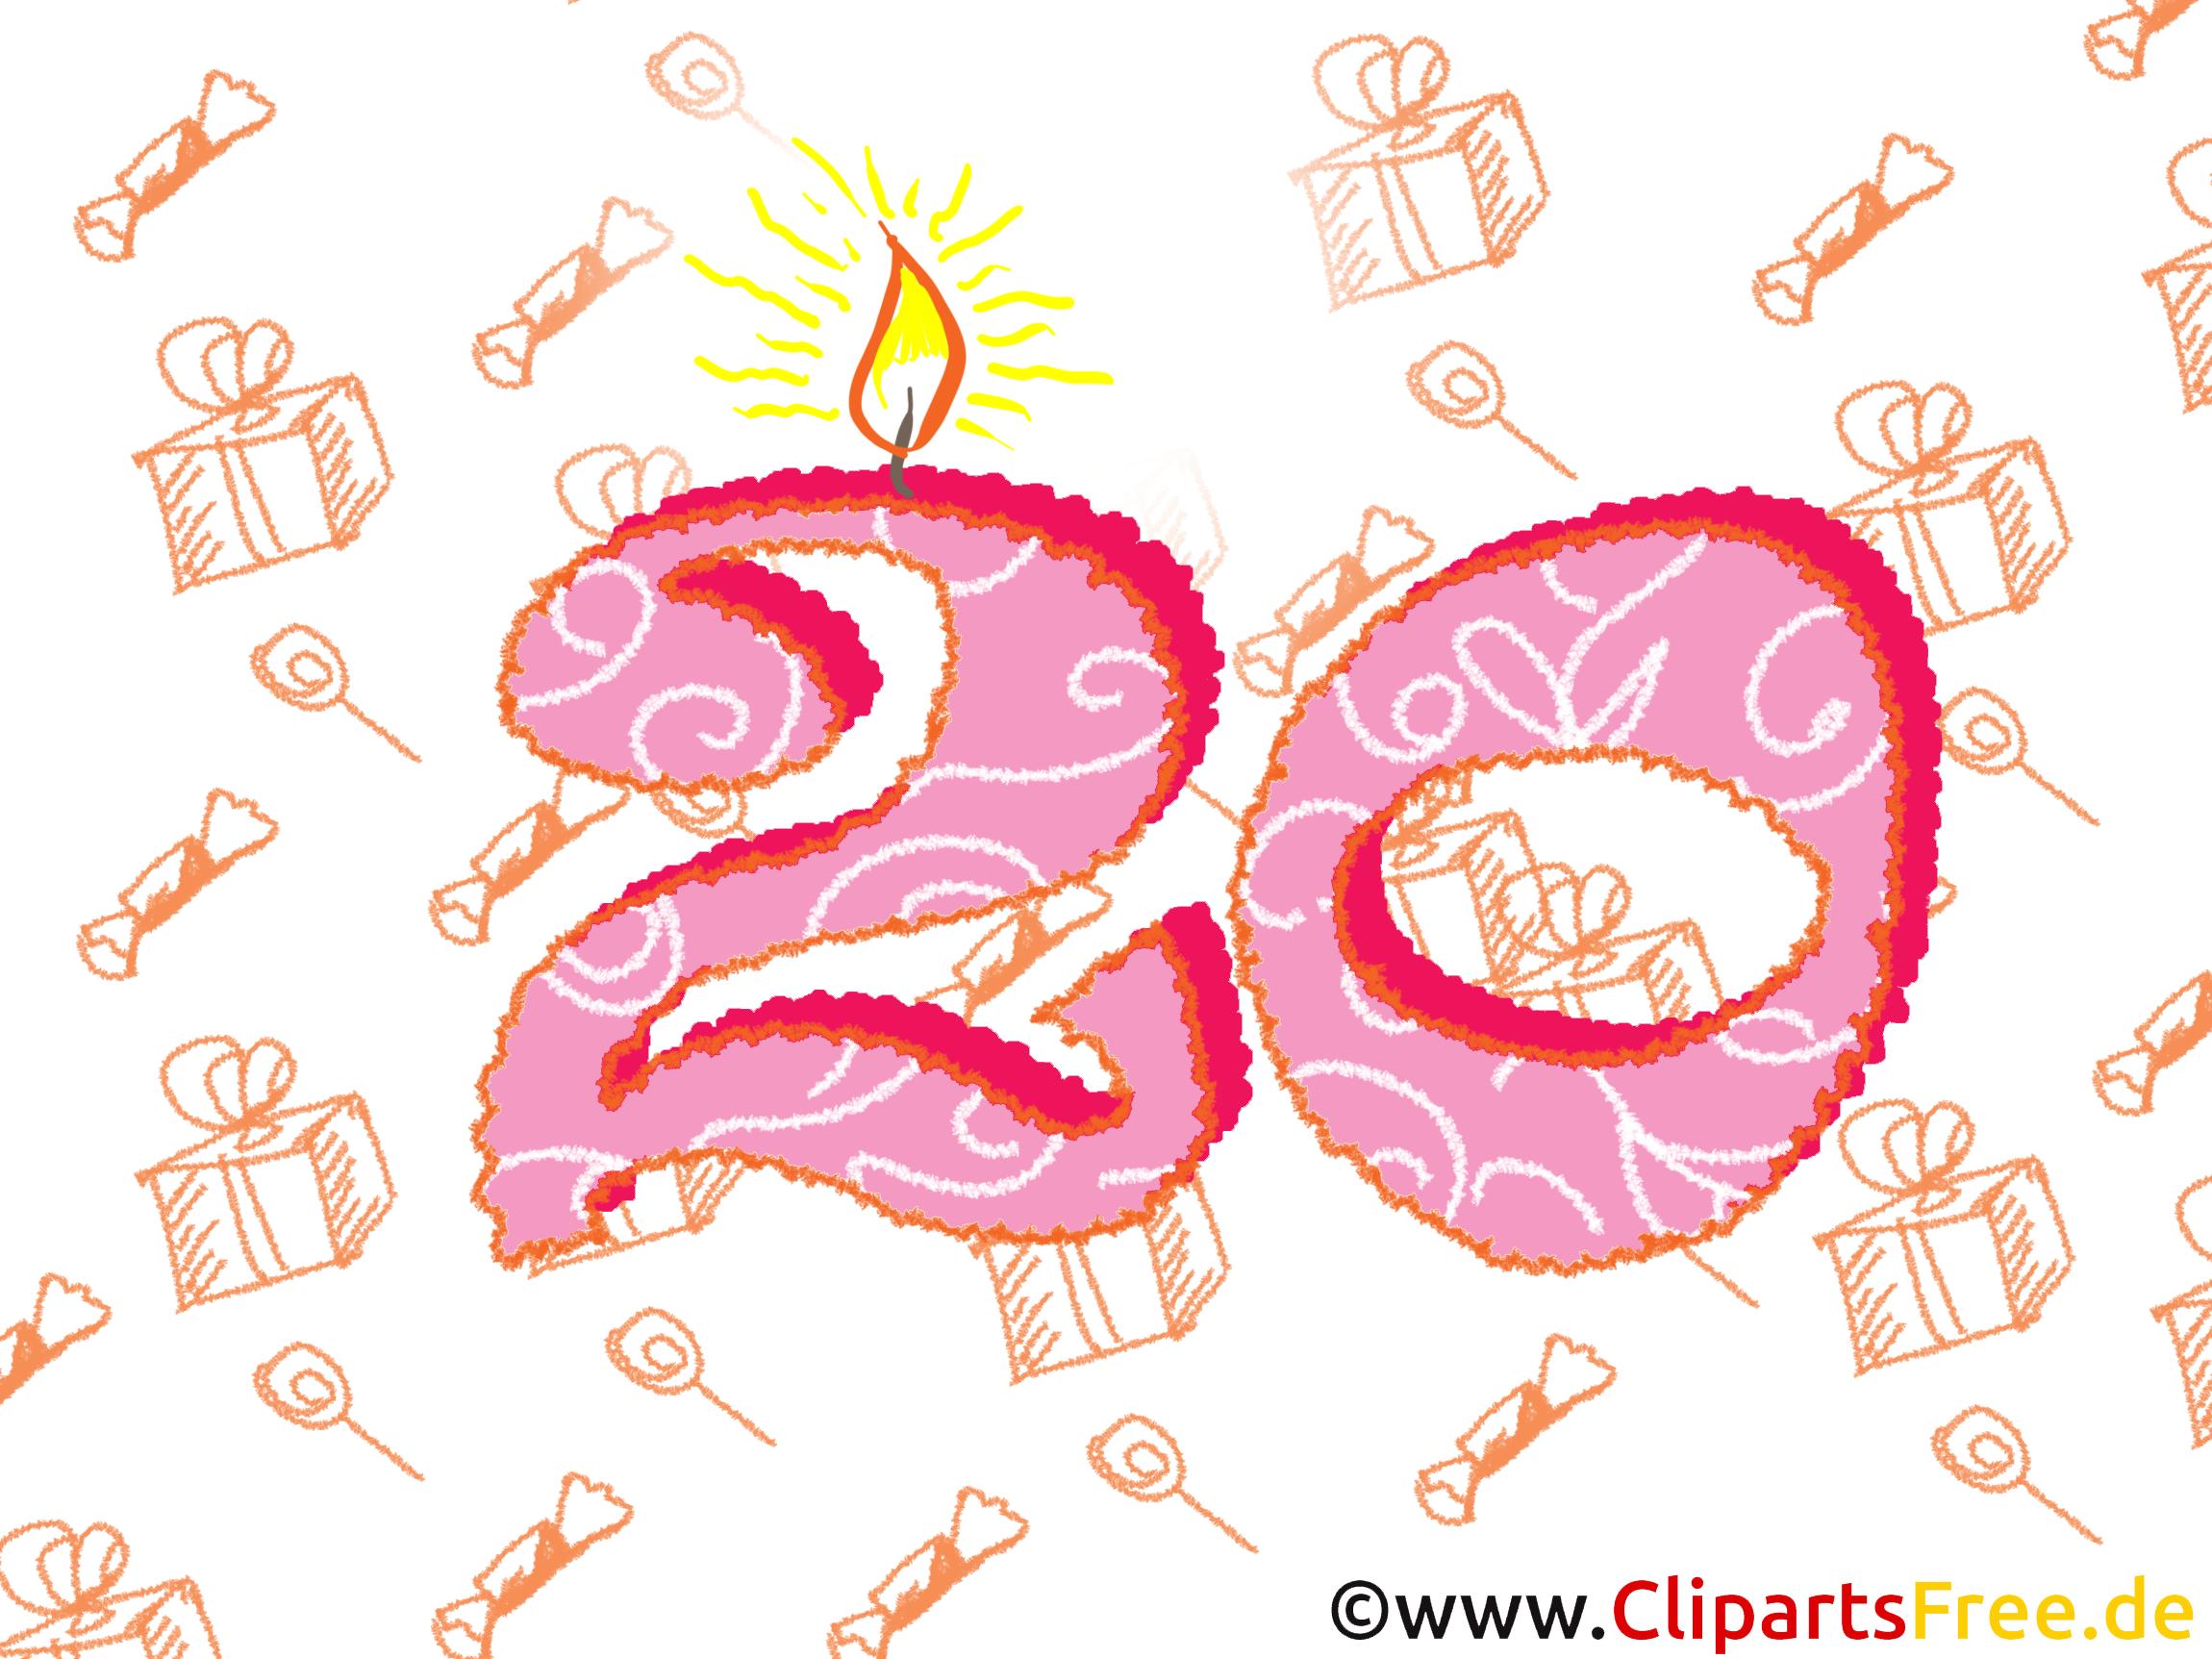 Geburtstagswünsche zum 20.Geburtstag